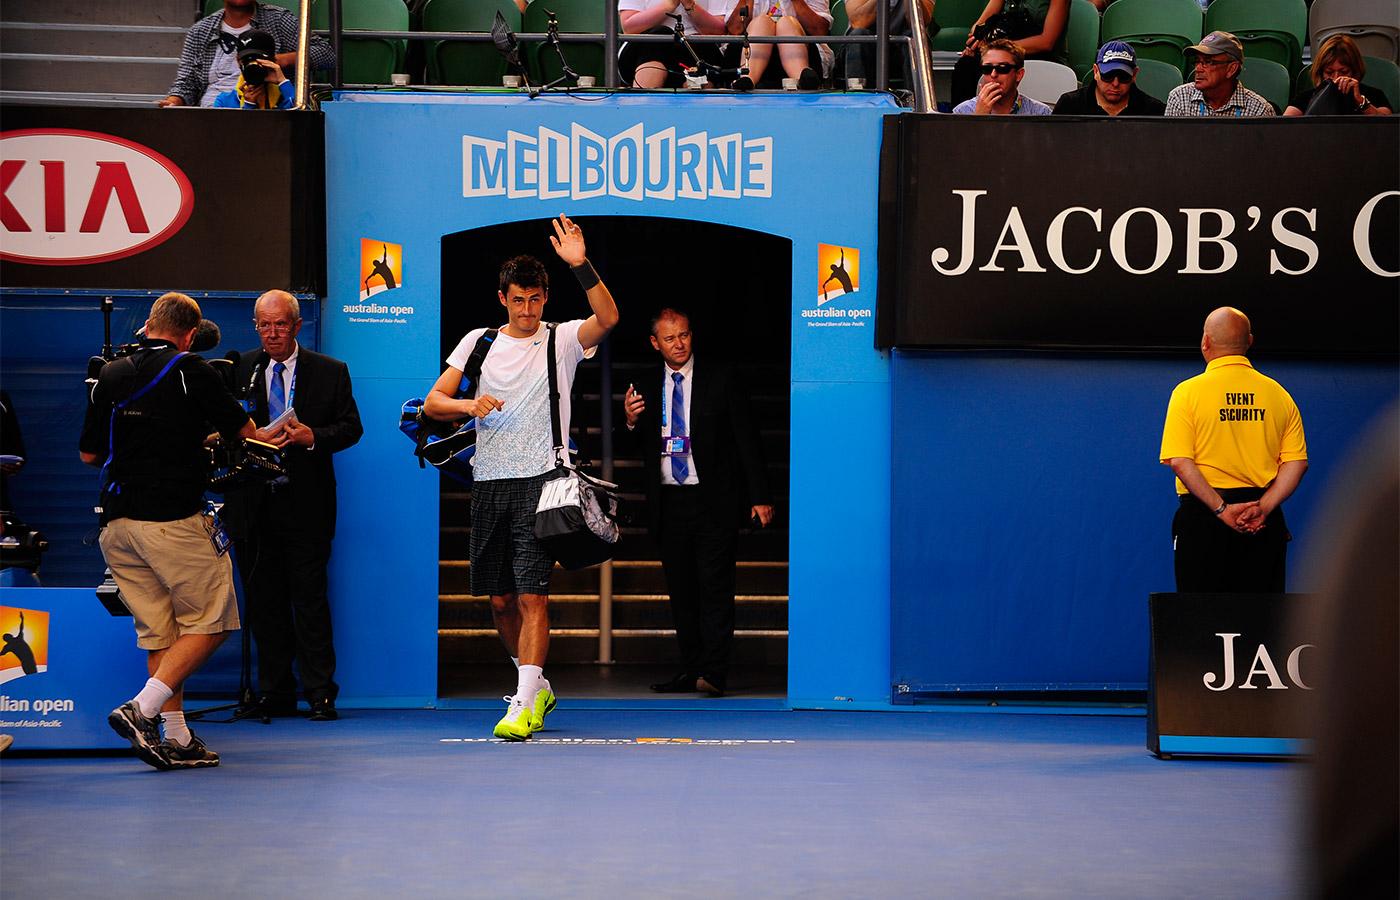 ВИДЕО: Най-доброто от Australian Open 2013